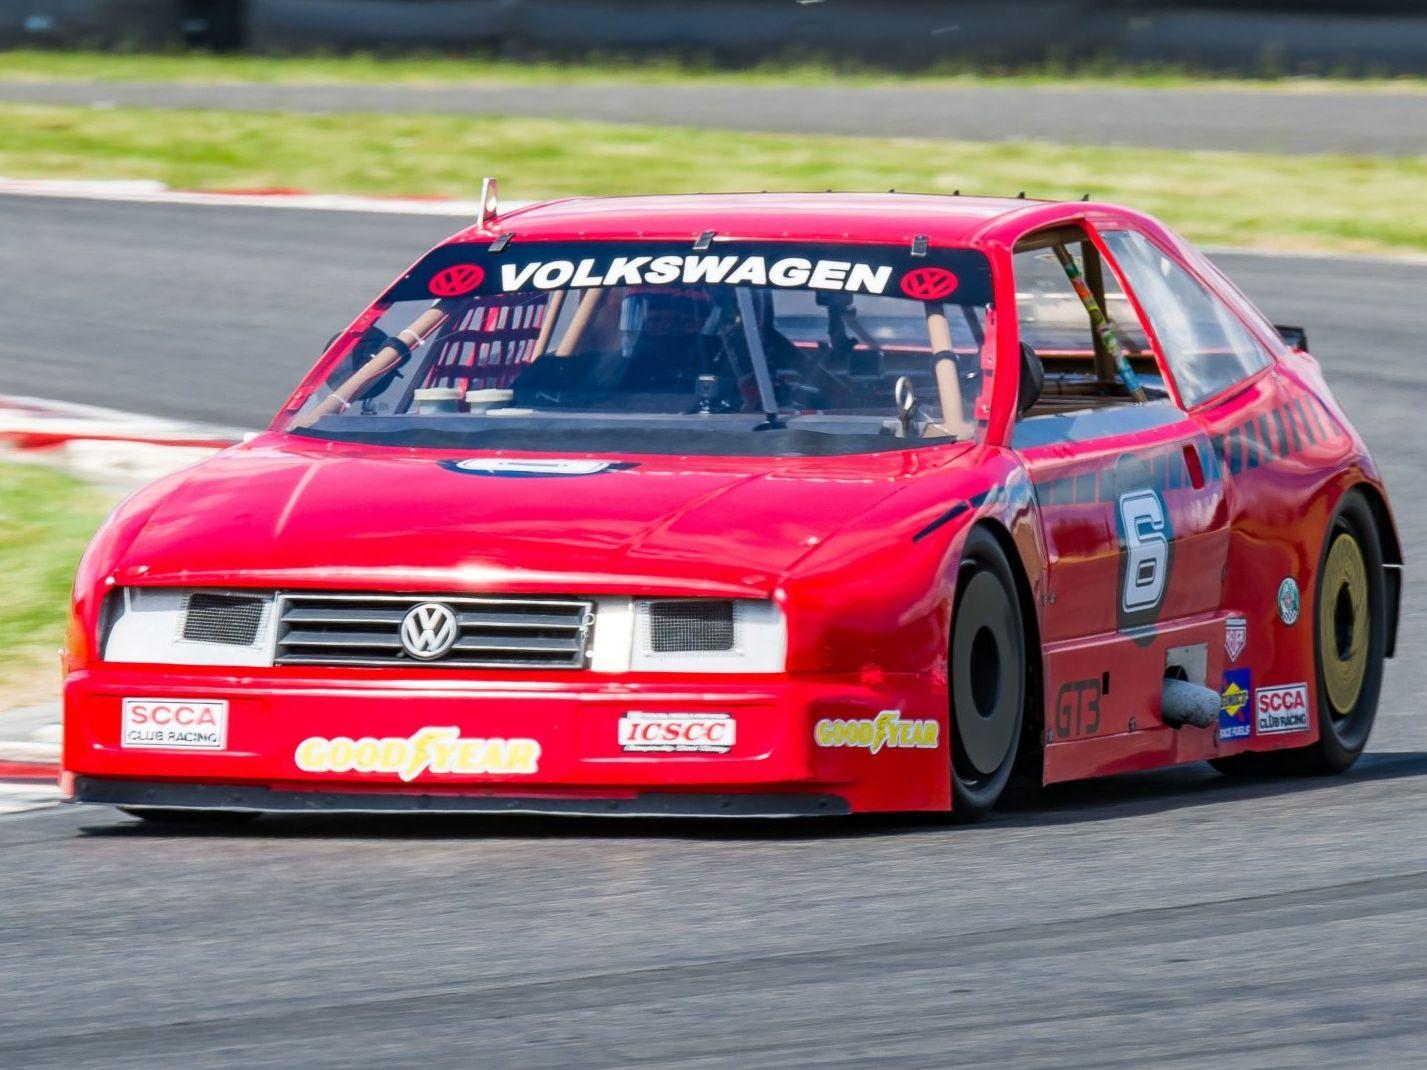 1989 Volkswagen Corrado Race Car